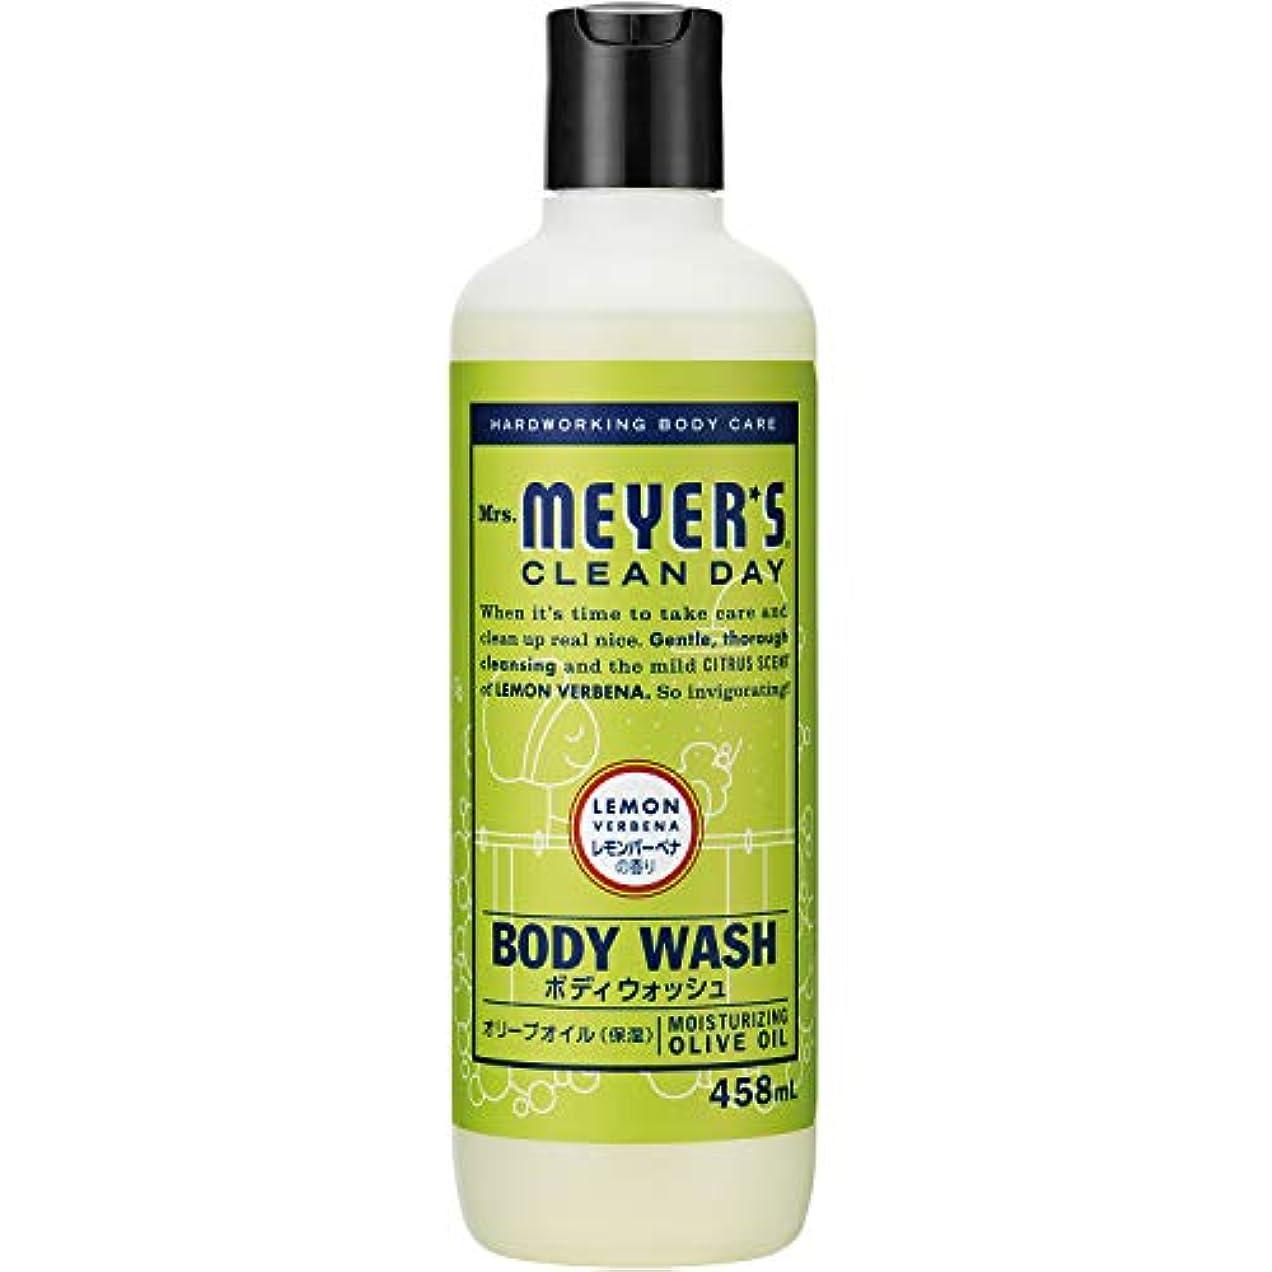 ブリード精神進化ミセスマイヤーズ クリーンデイ(Mrs.Meyers Clean Day) ボディウォッシュ レモンバーベナの香り 458ml